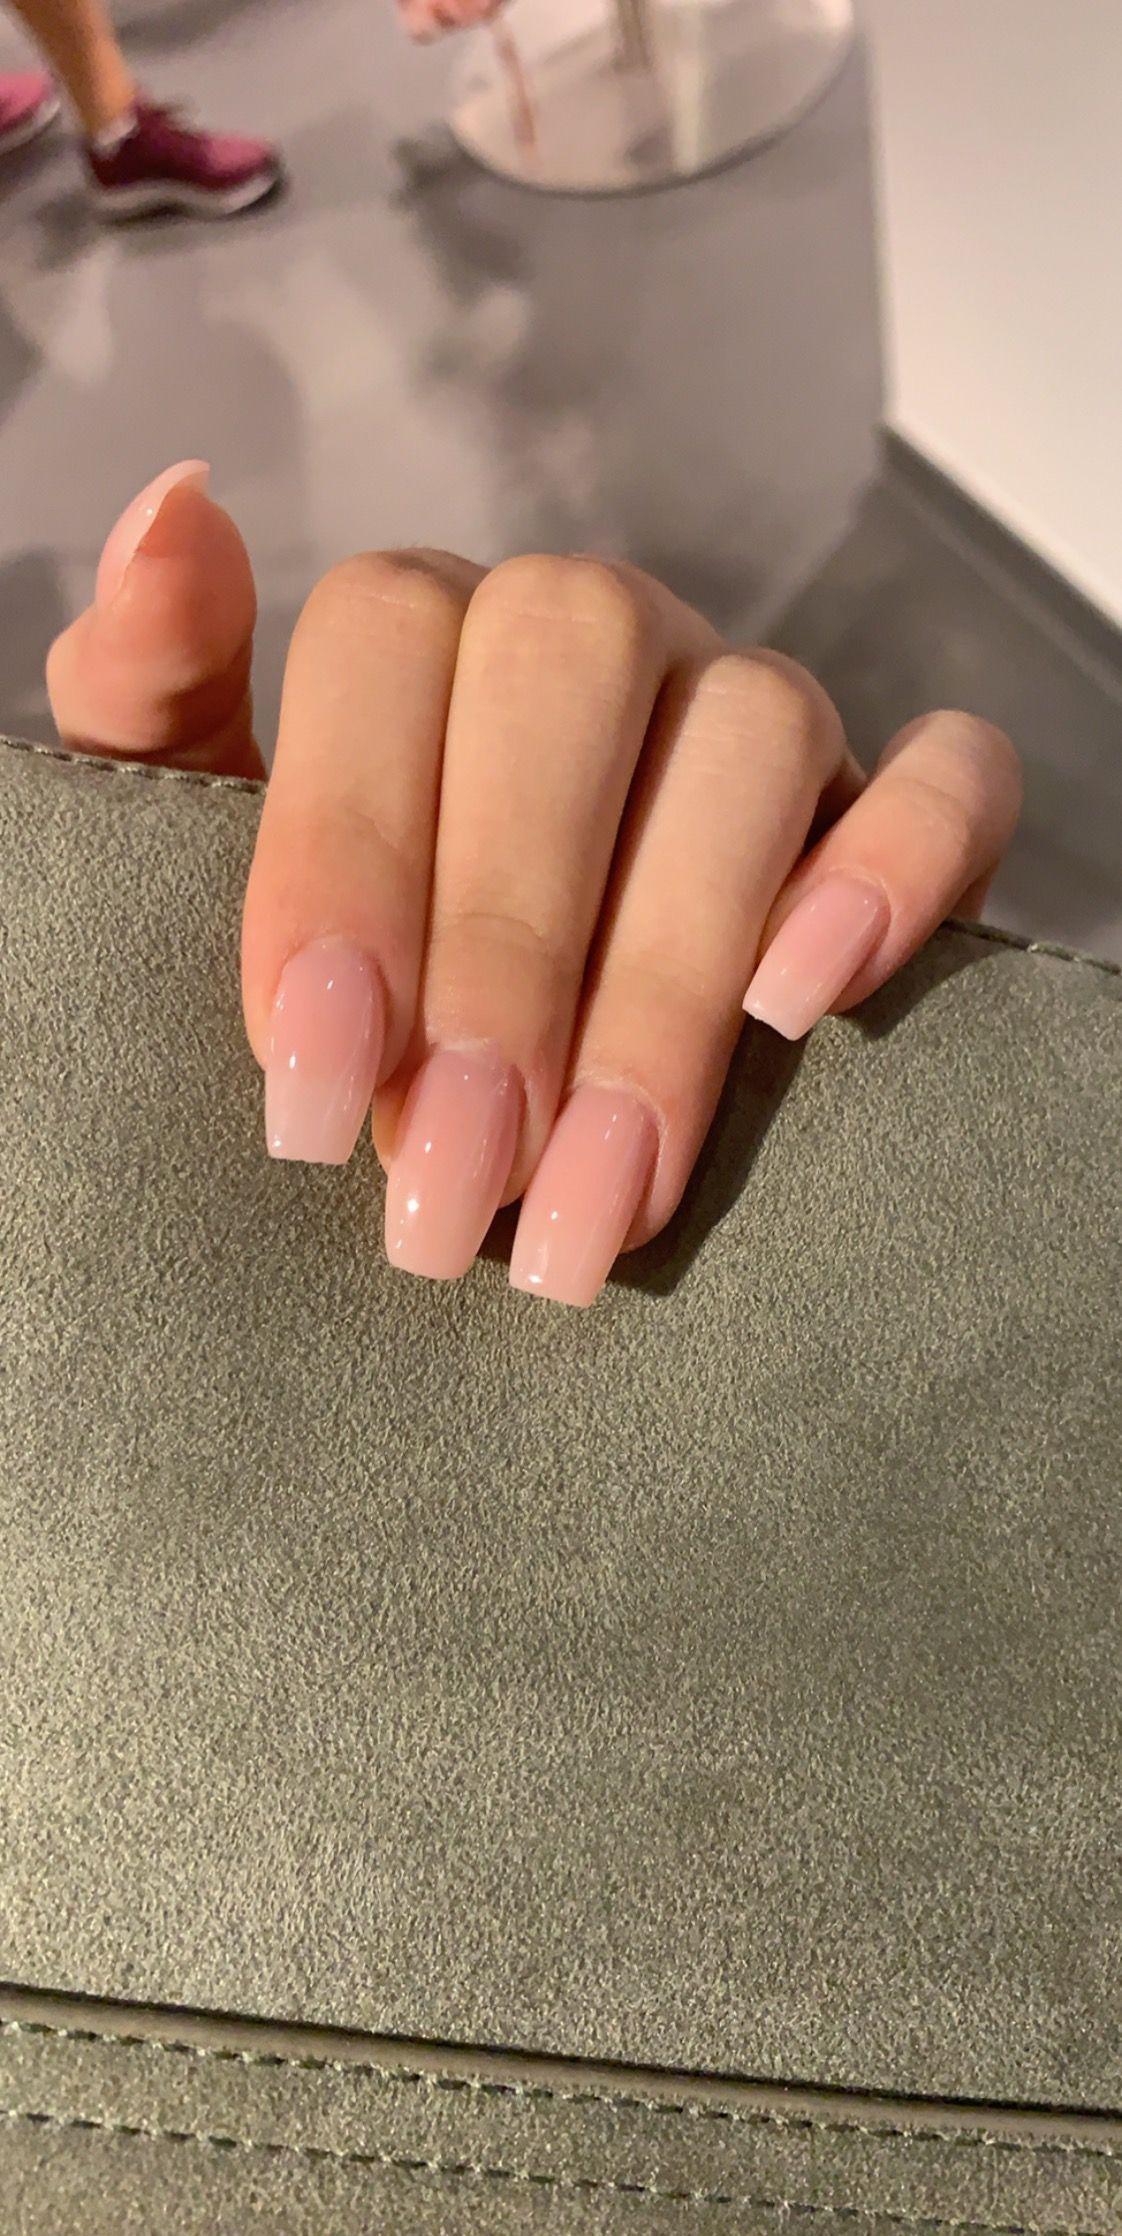 Long acrylic Natural nails nude#acrylic #long #nails #natural #nude - BestBLog